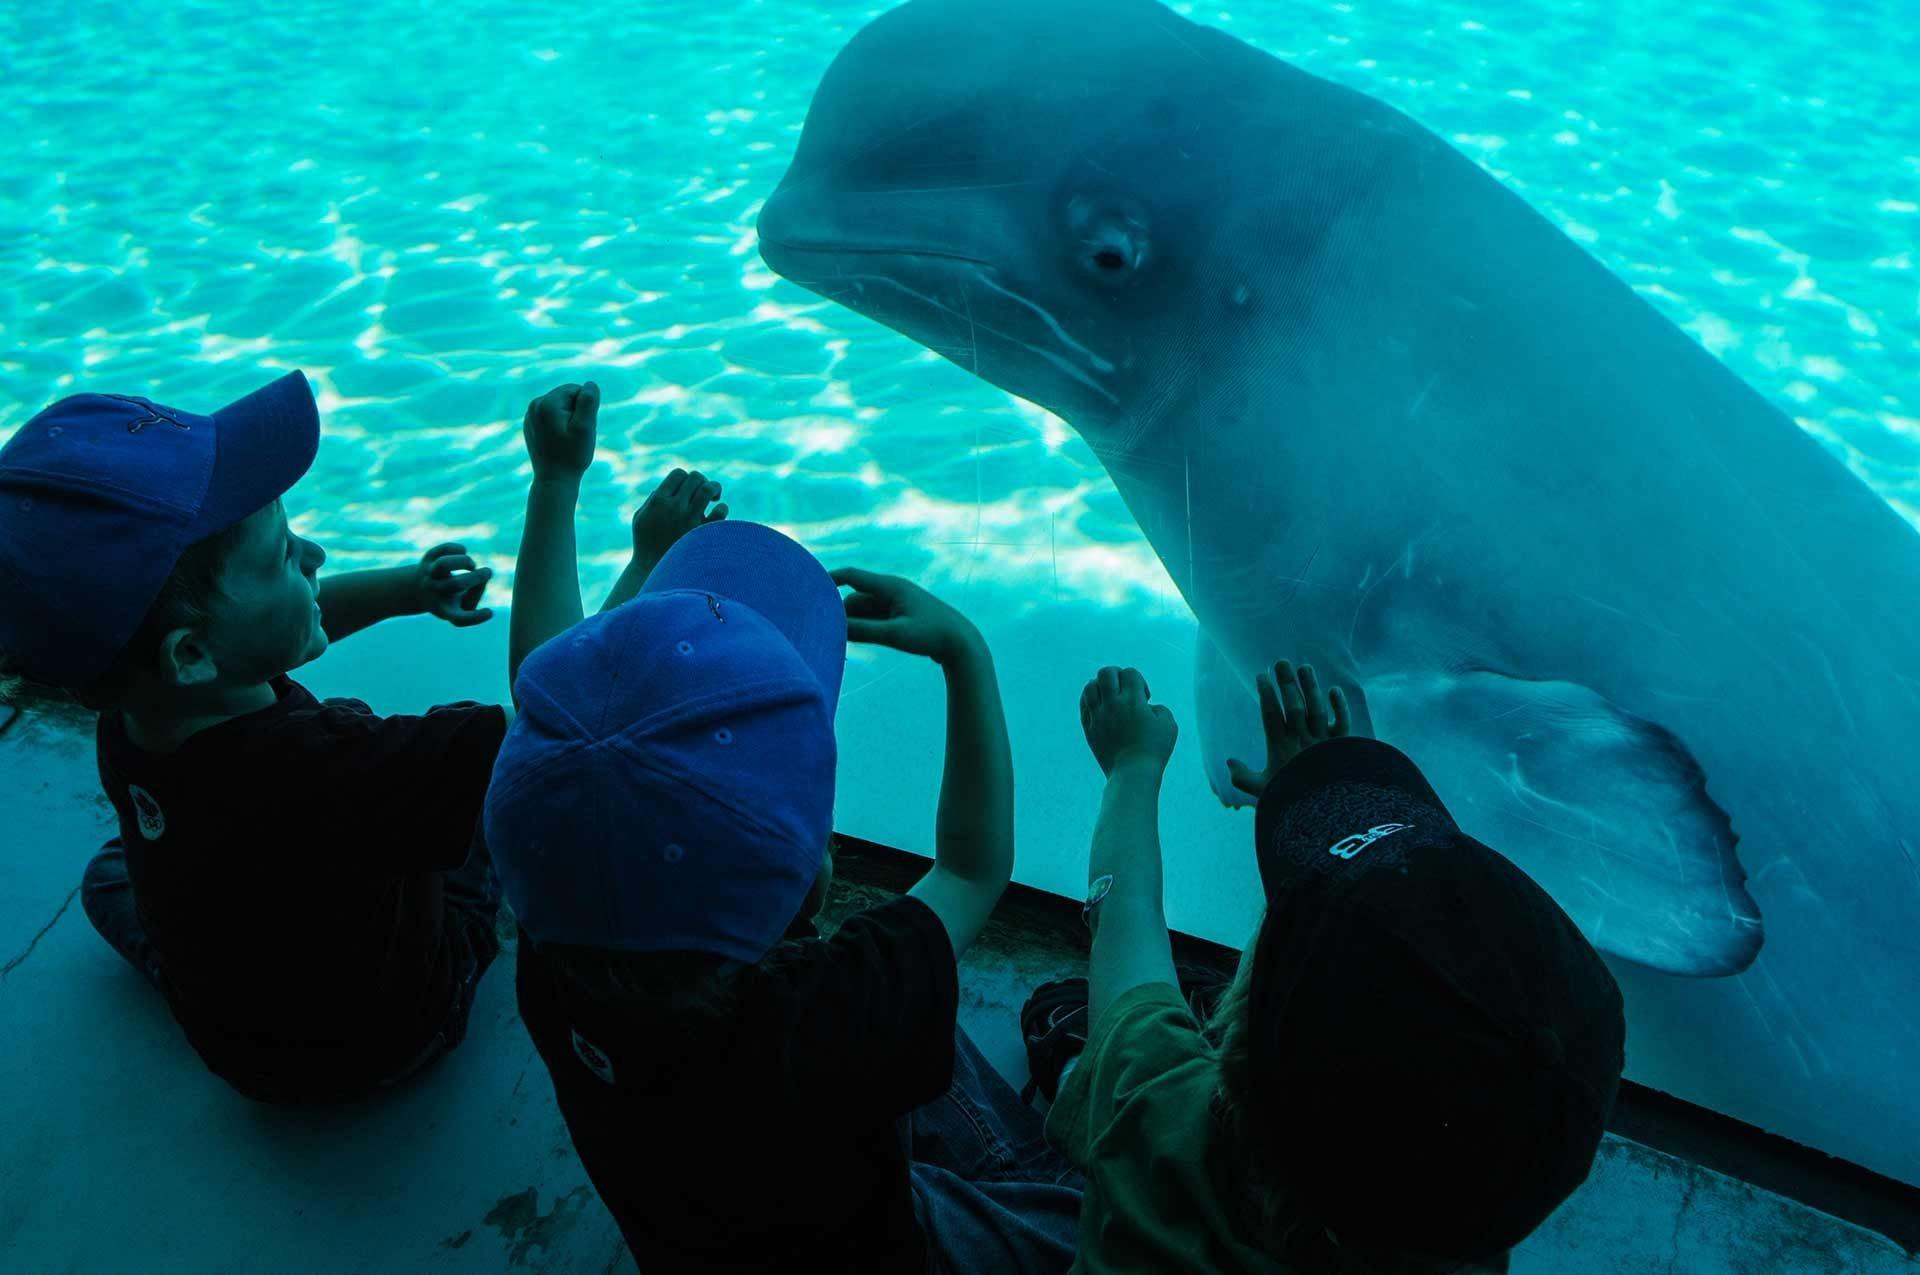 jmc 5309 1920x1275 - [Photos] Cette photographe a visité les zoos du monde entier